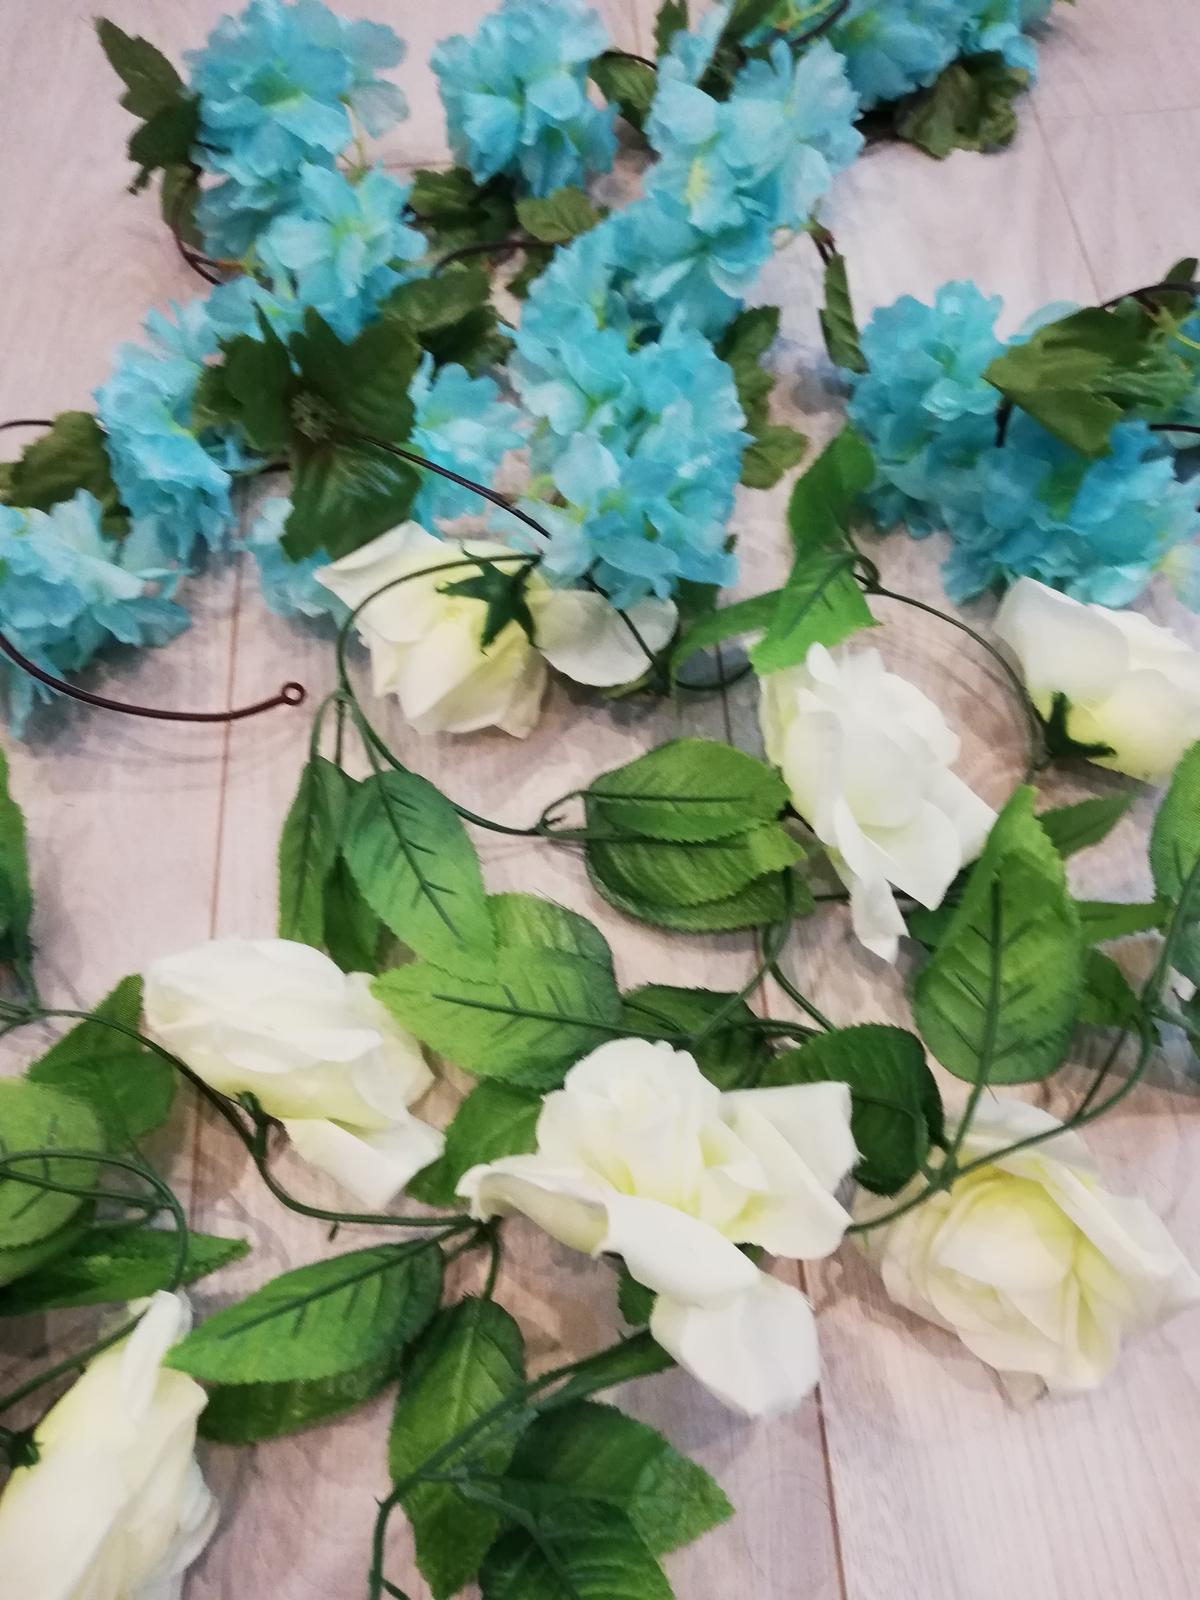 Svadobná výzdoba - tyrkysové kvety - Obrázok č. 4